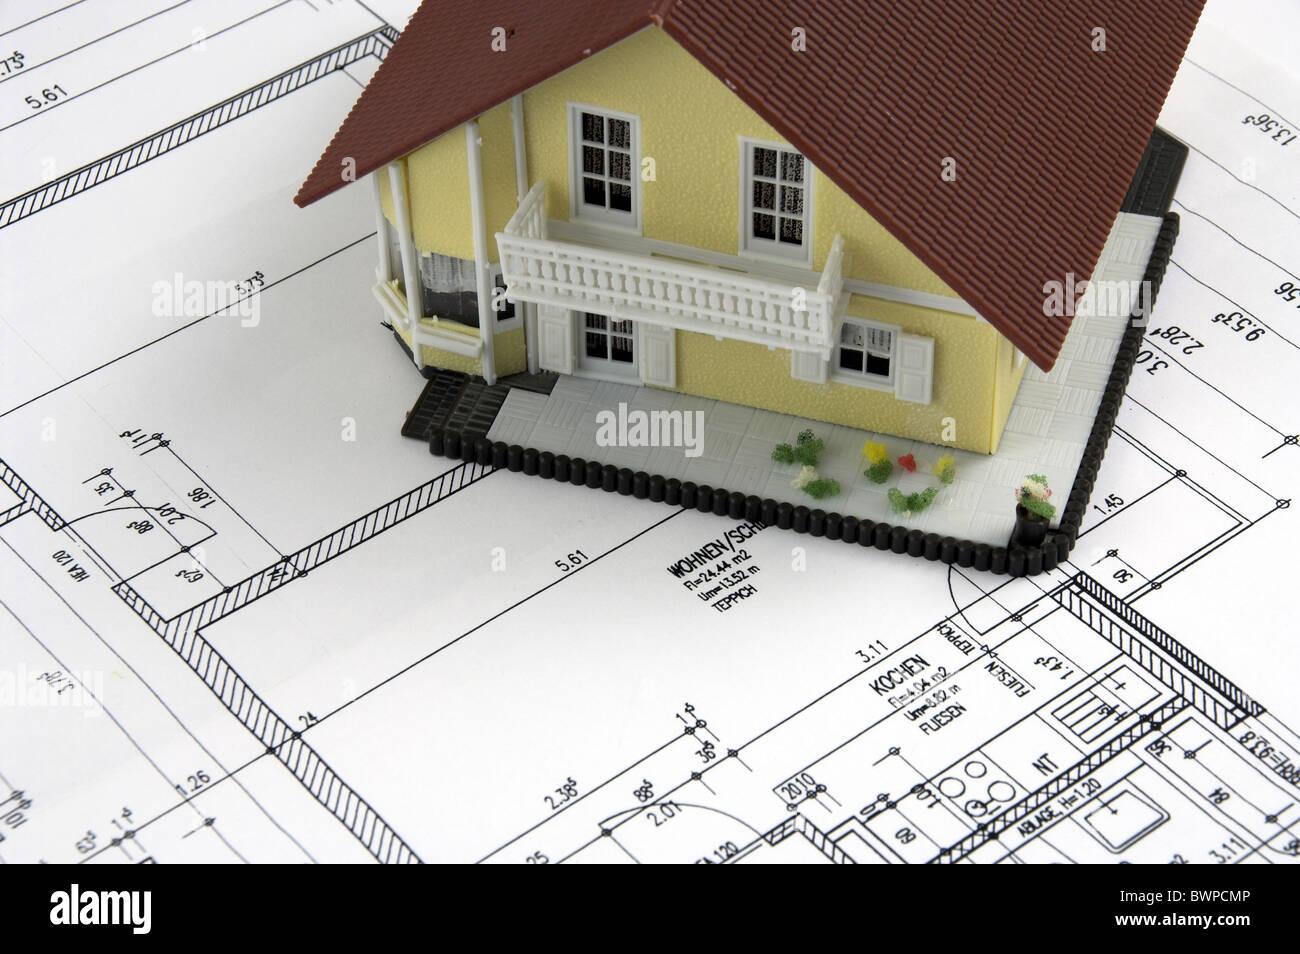 Bauplan architekt architektur bauen konstrukt design for Haus bauen architekt